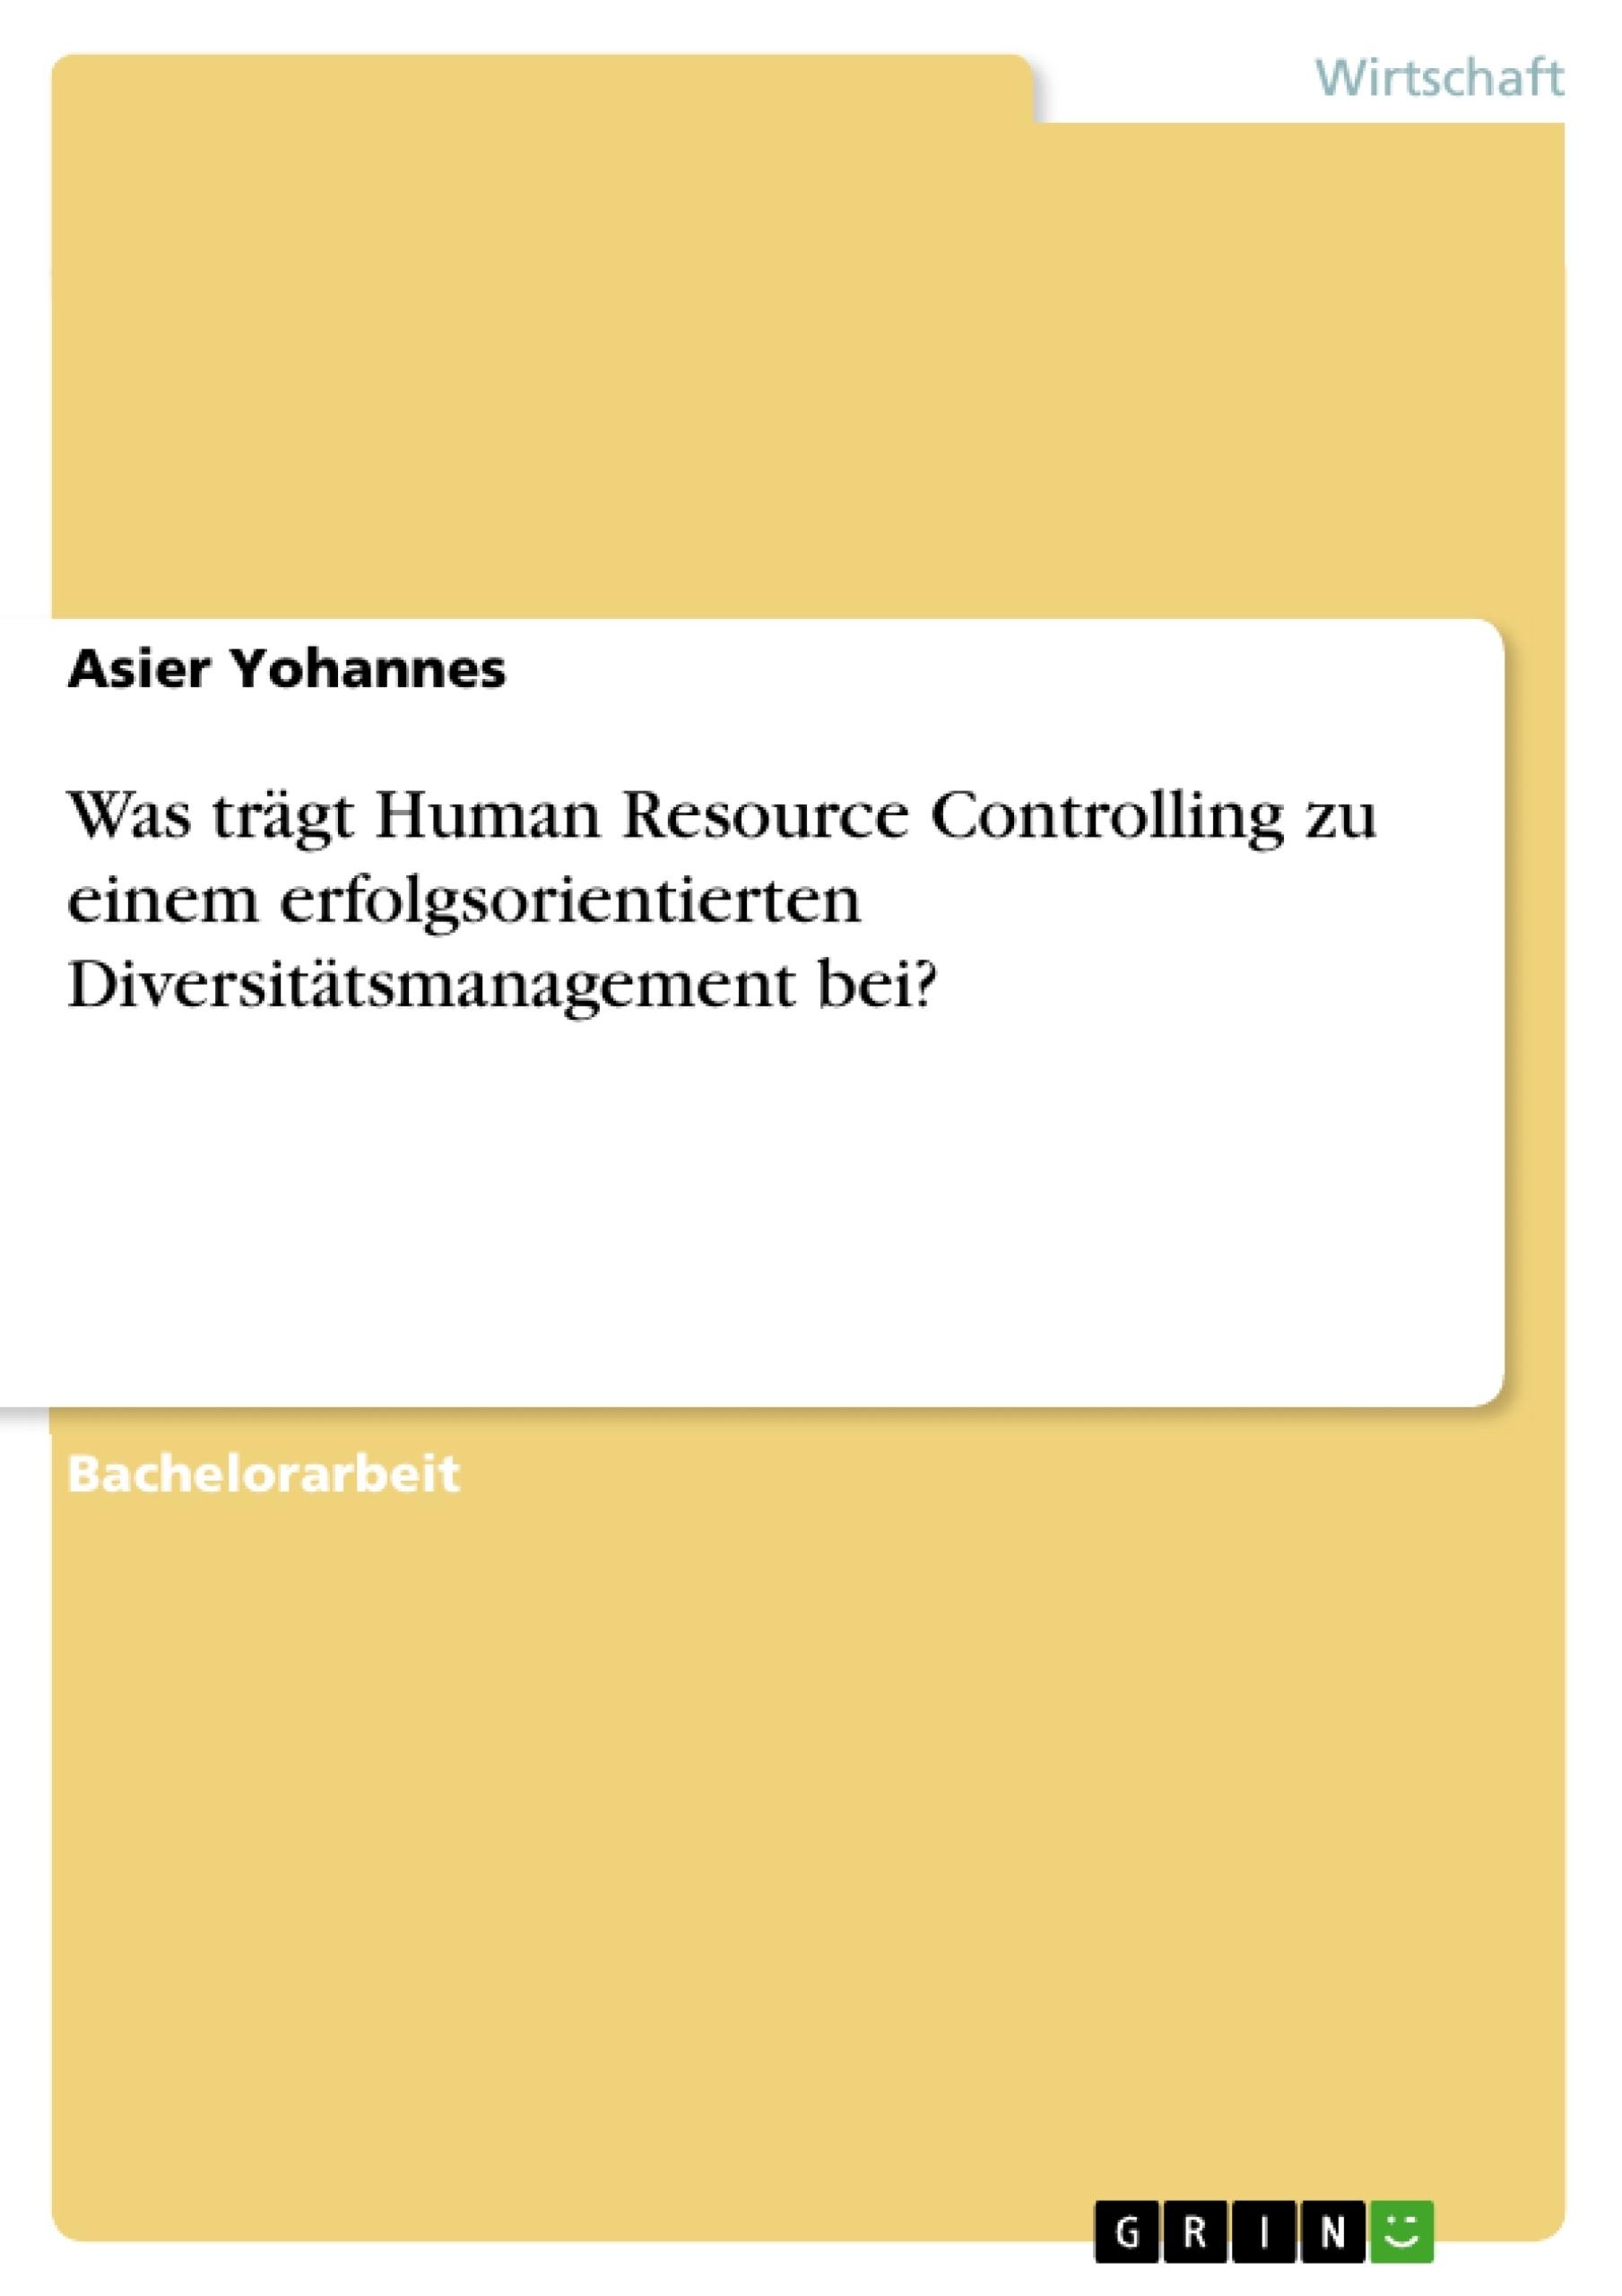 Titel: Was trägt Human Resource Controlling zu einem erfolgsorientierten Diversitätsmanagement bei?